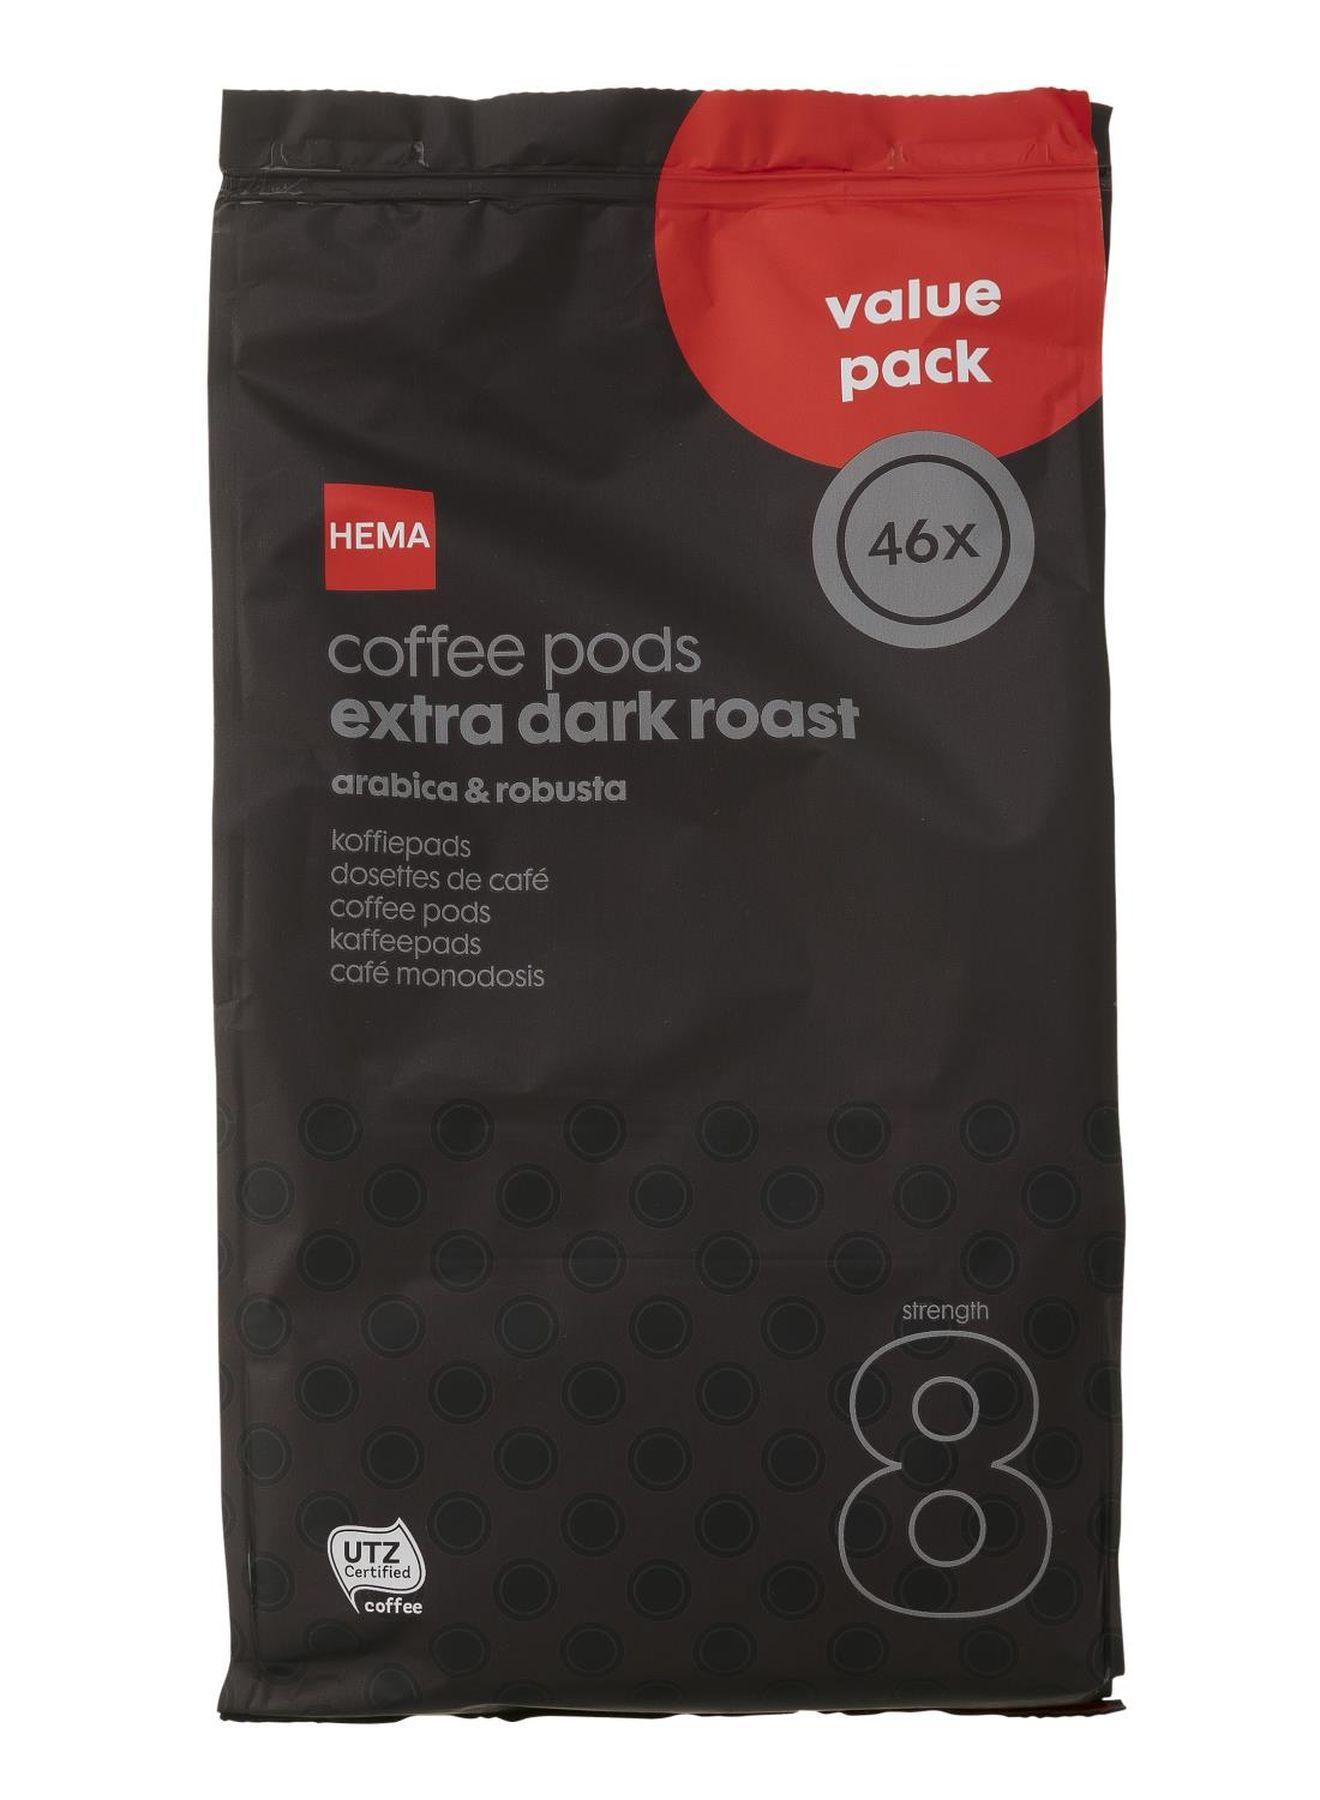 4 x 46 koffiepads voor 7.50